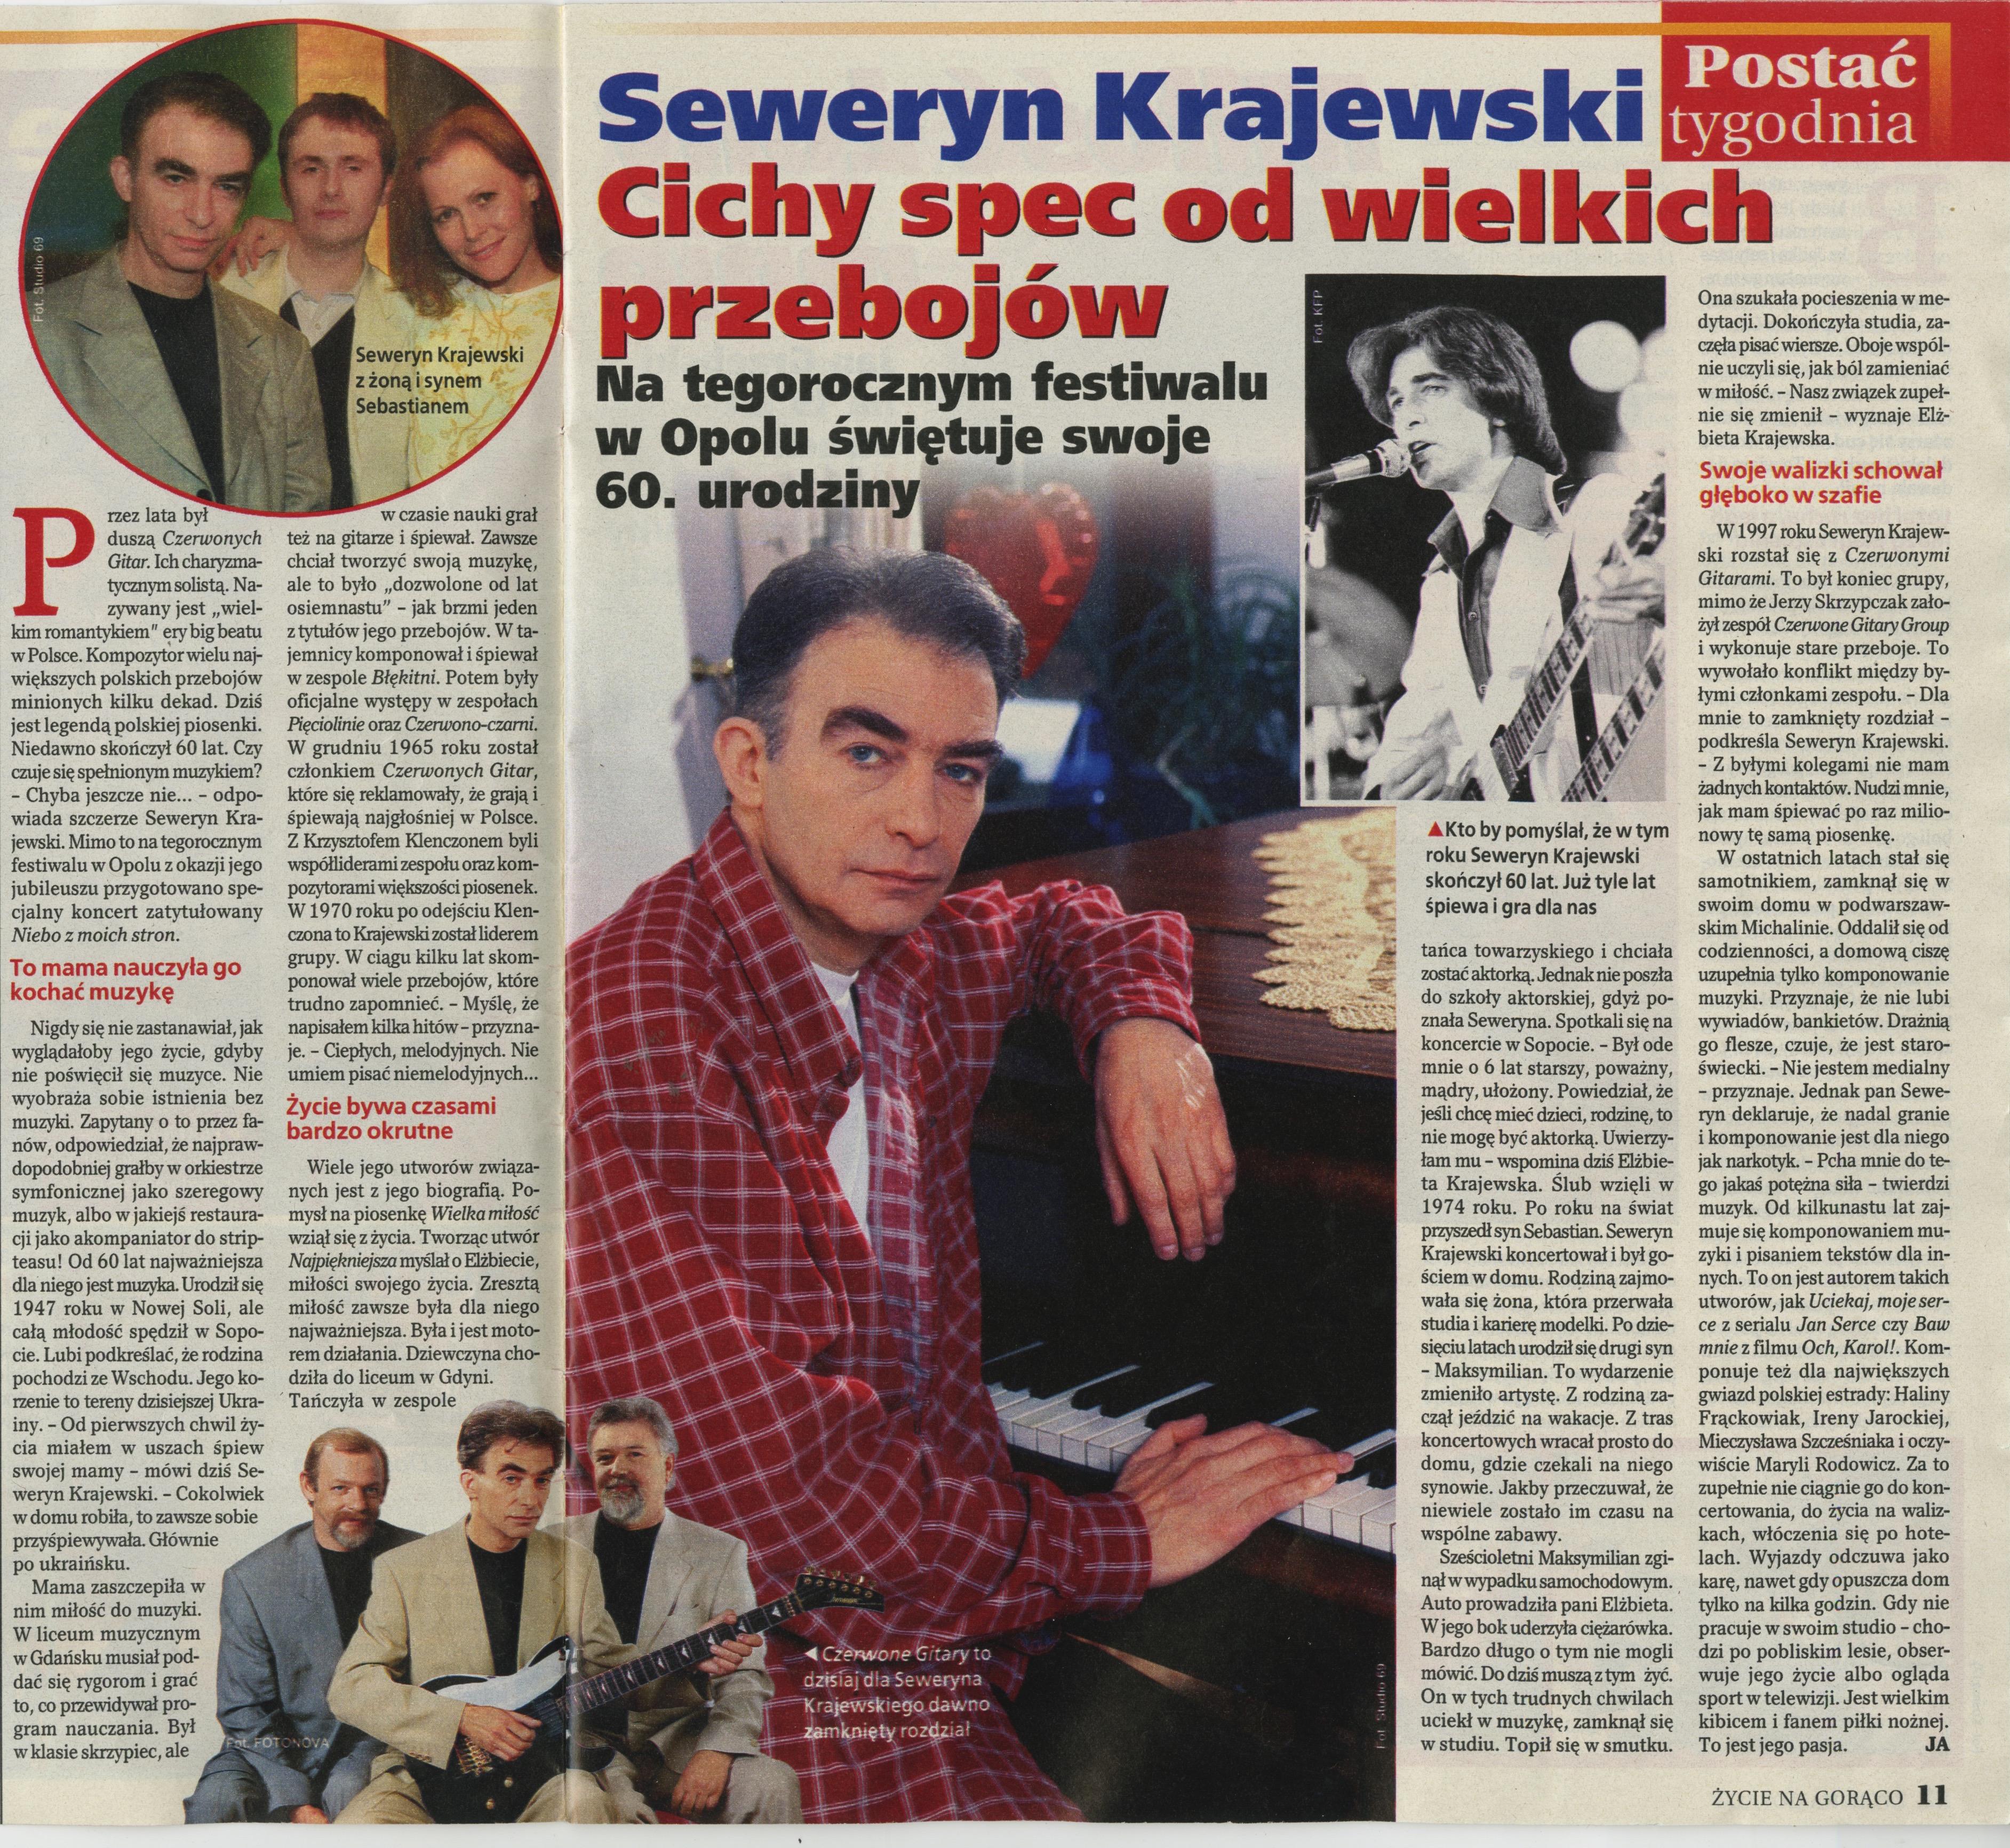 2004-2012-Zycie_na_goraco_2007_SK_cichy_spec_od_wielkich_utworow